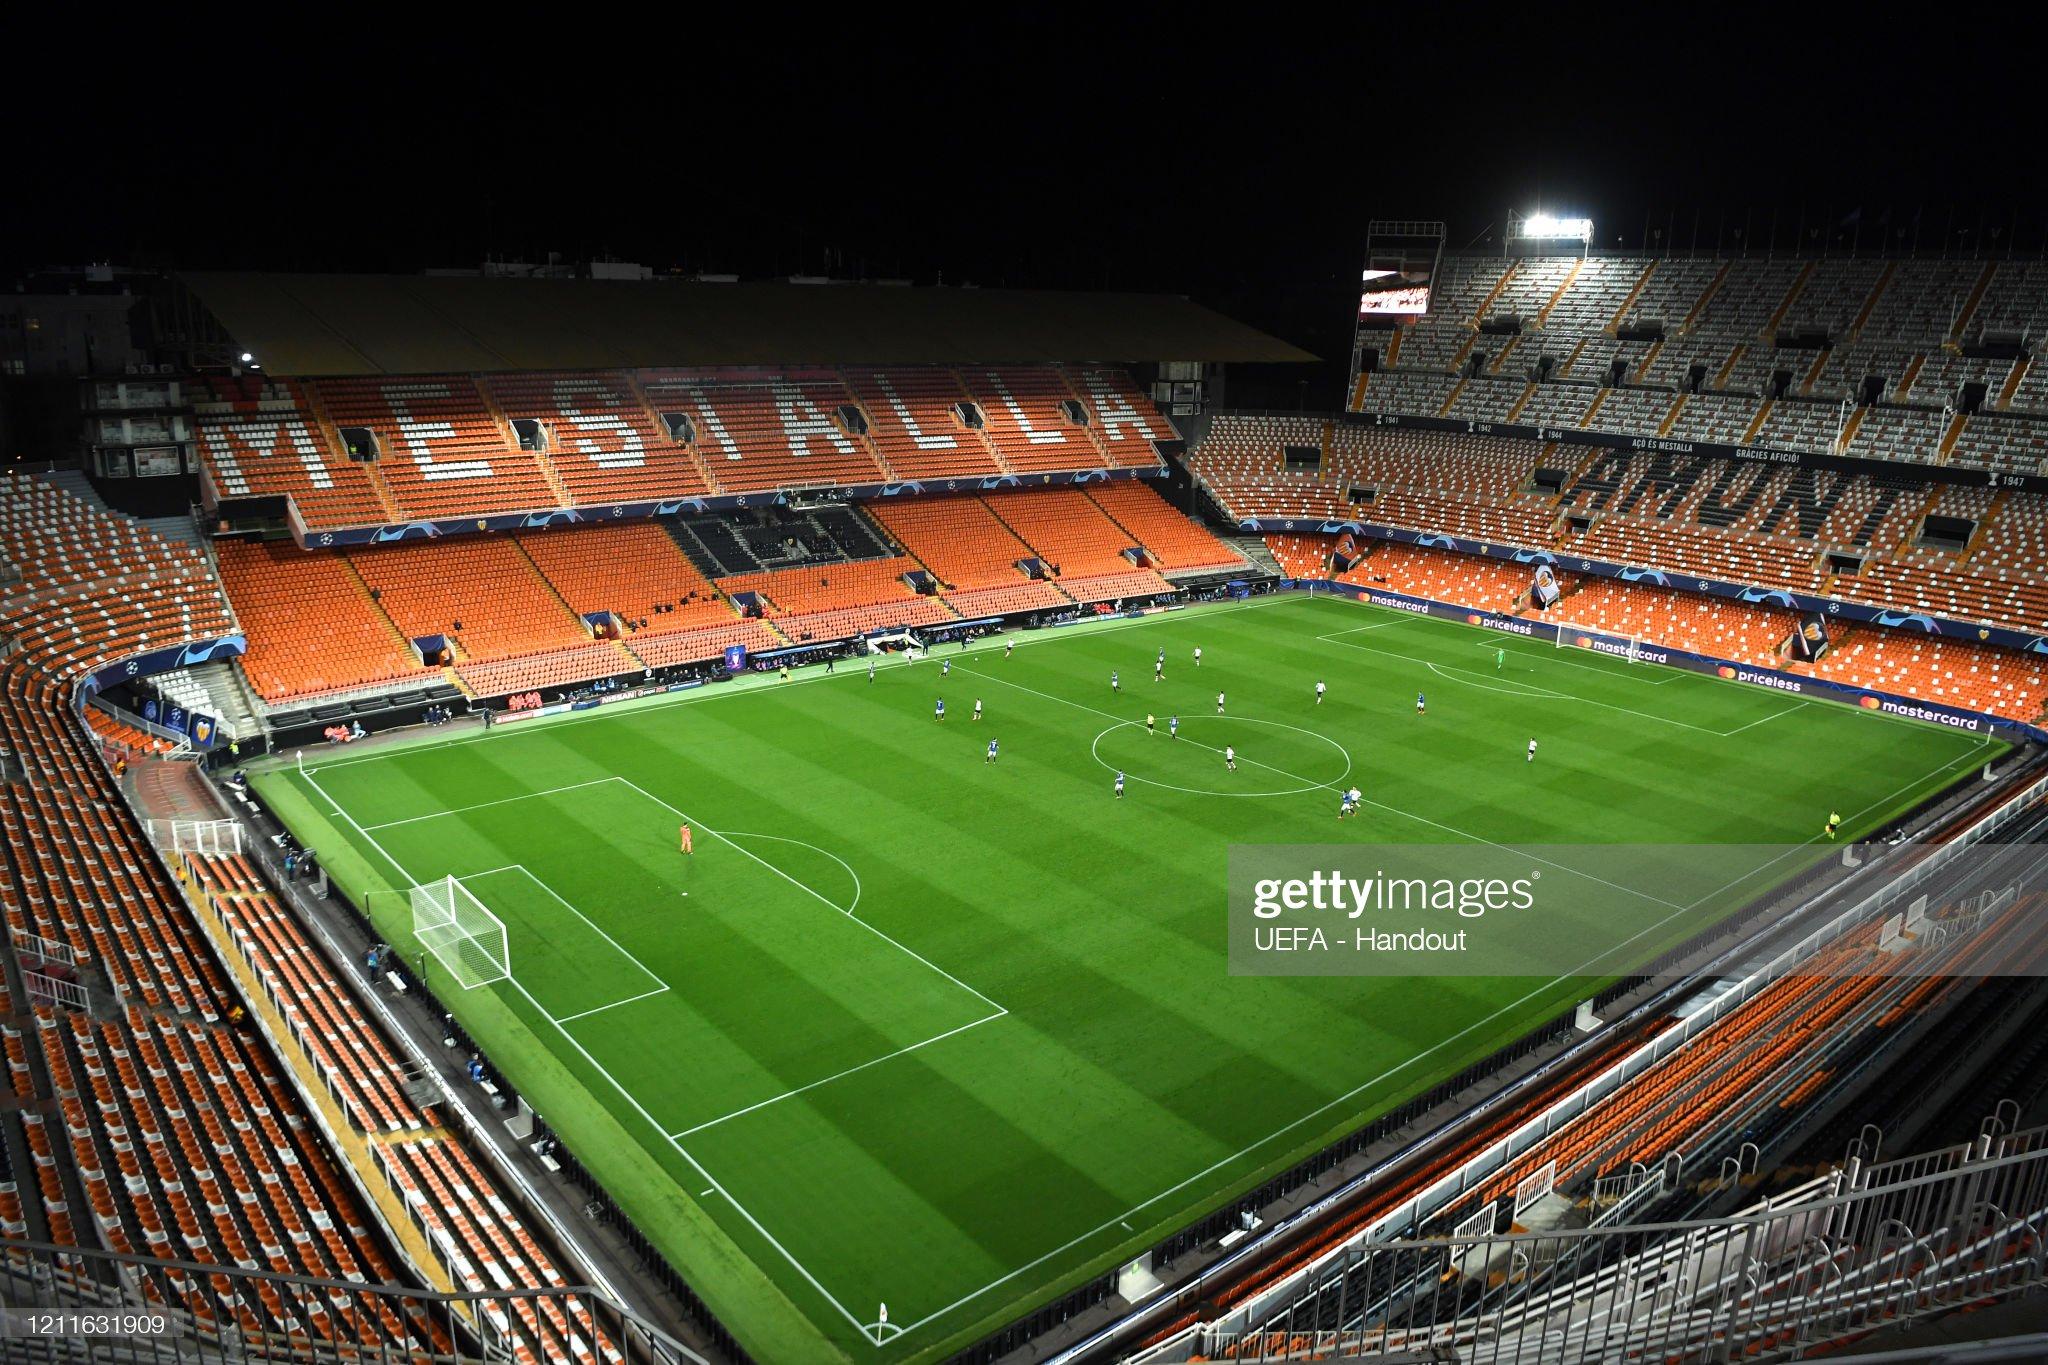 Valencia vs Levante Preview, prediction and odds